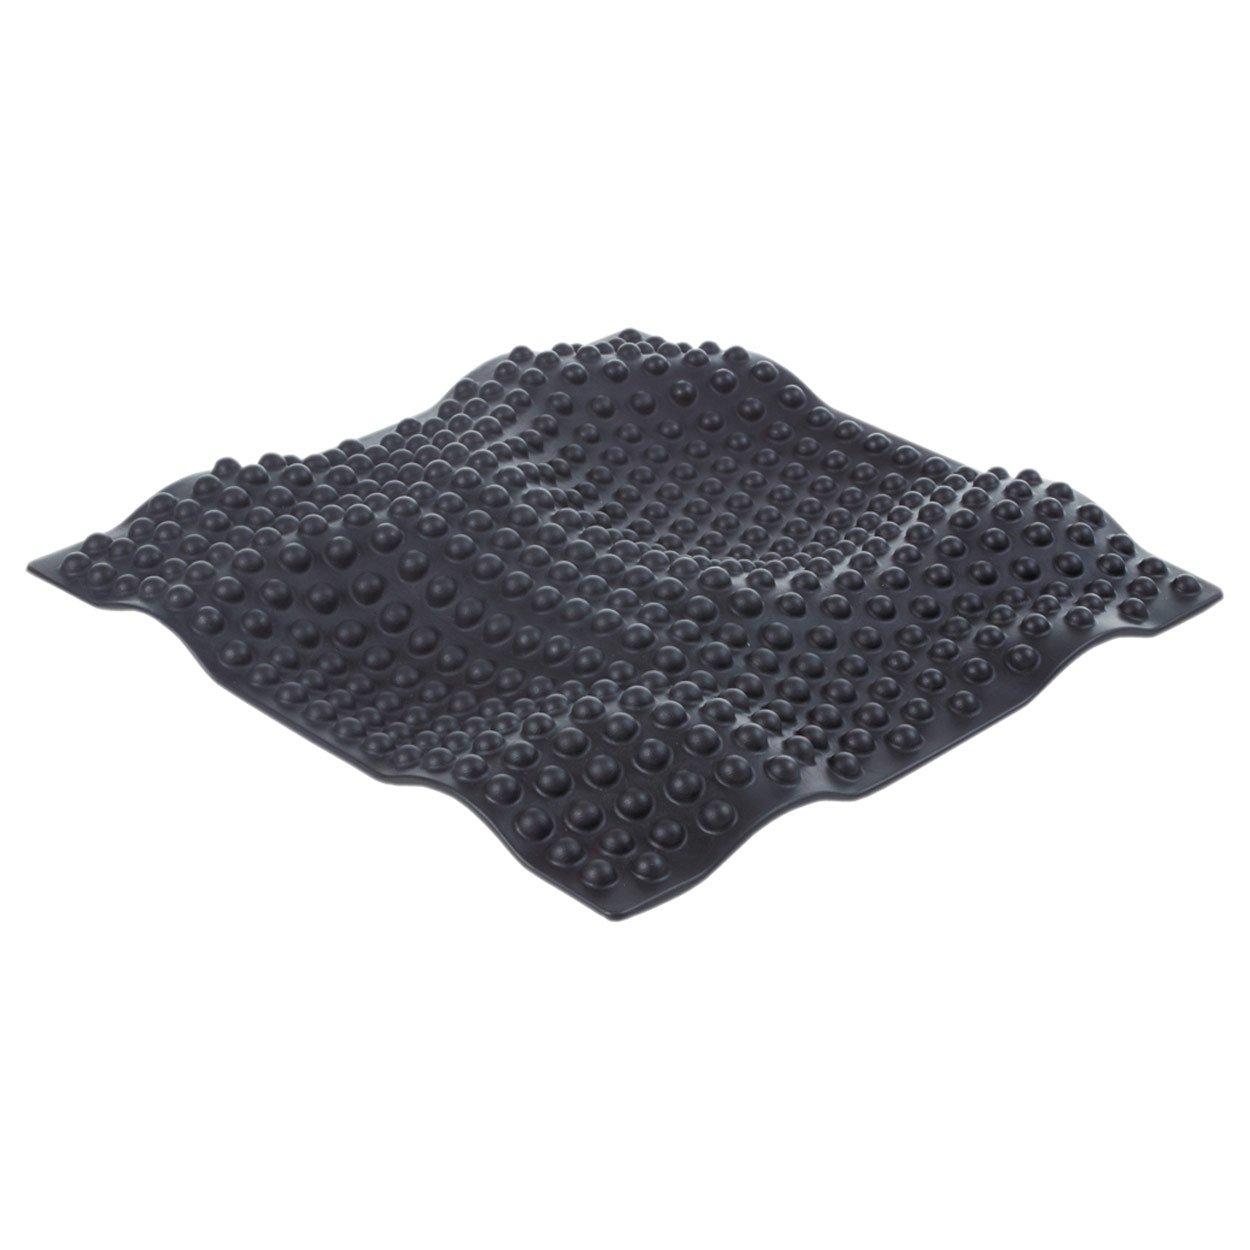 Terrasensa 3D Reflex Auflage, weich